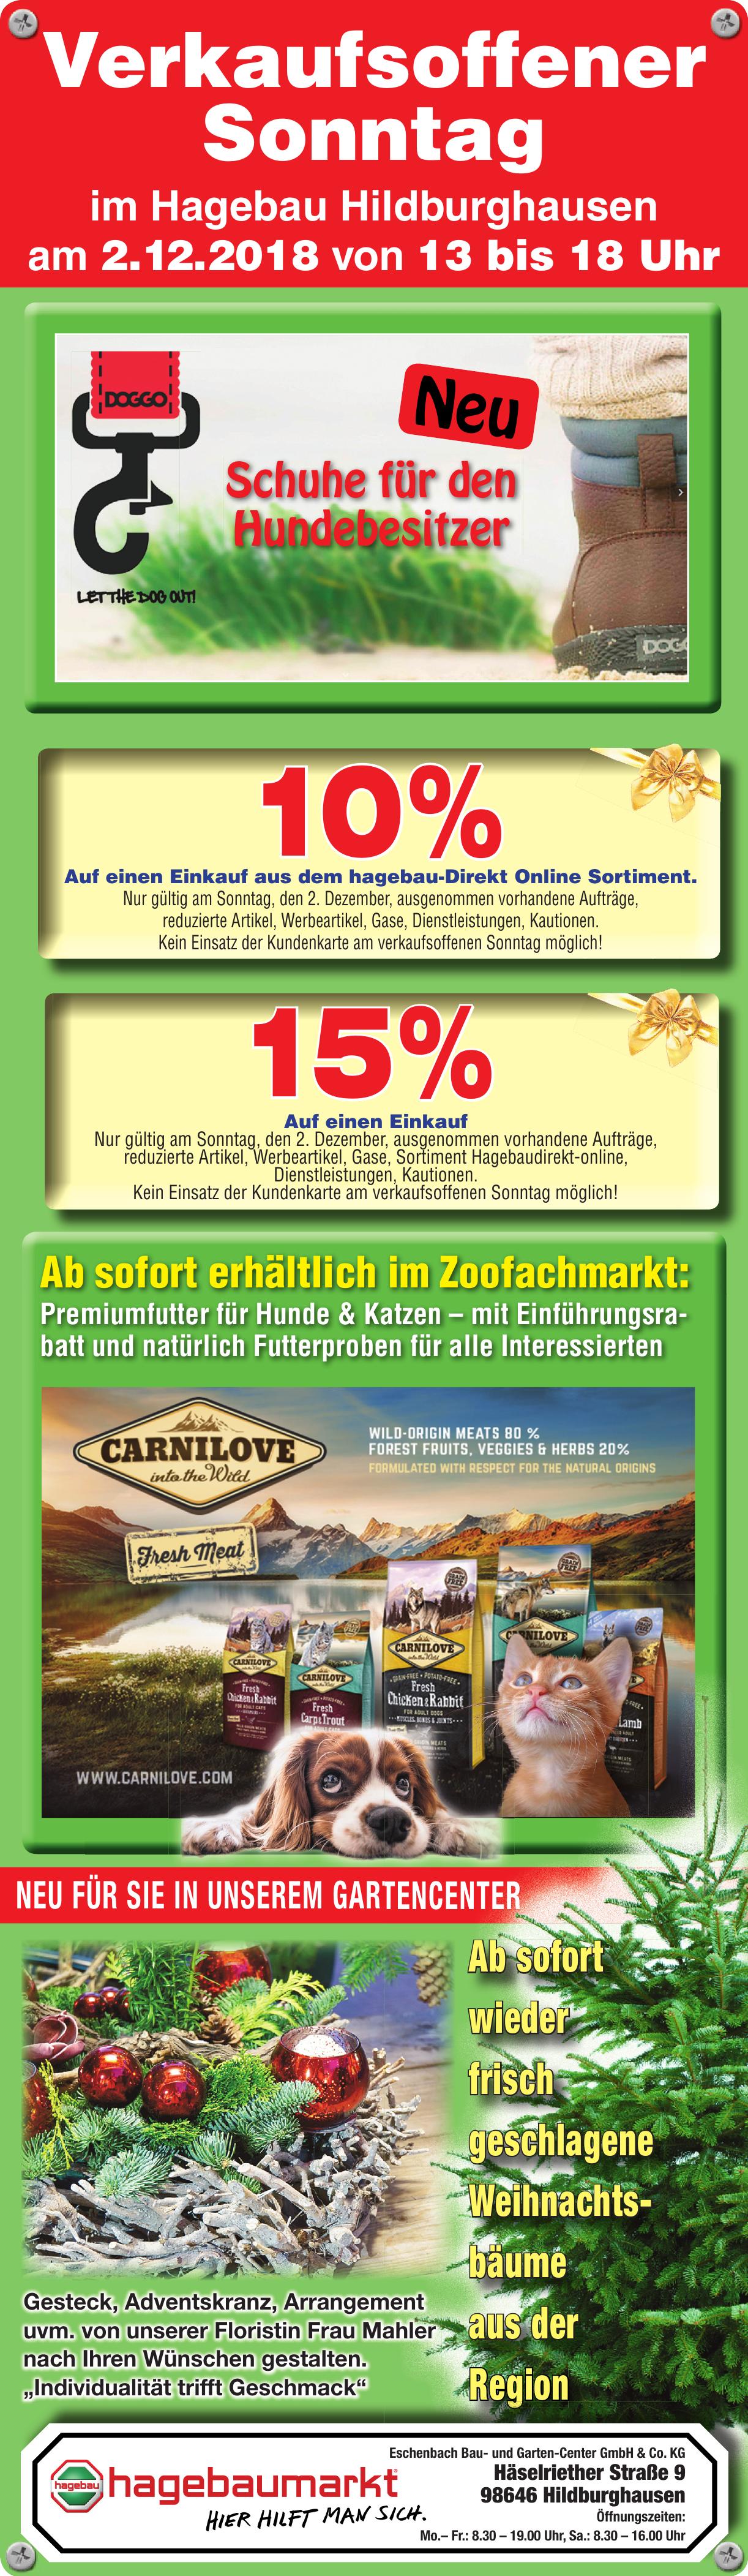 Eschenbach Bau- und Garten-Center GmbH & Co. KG